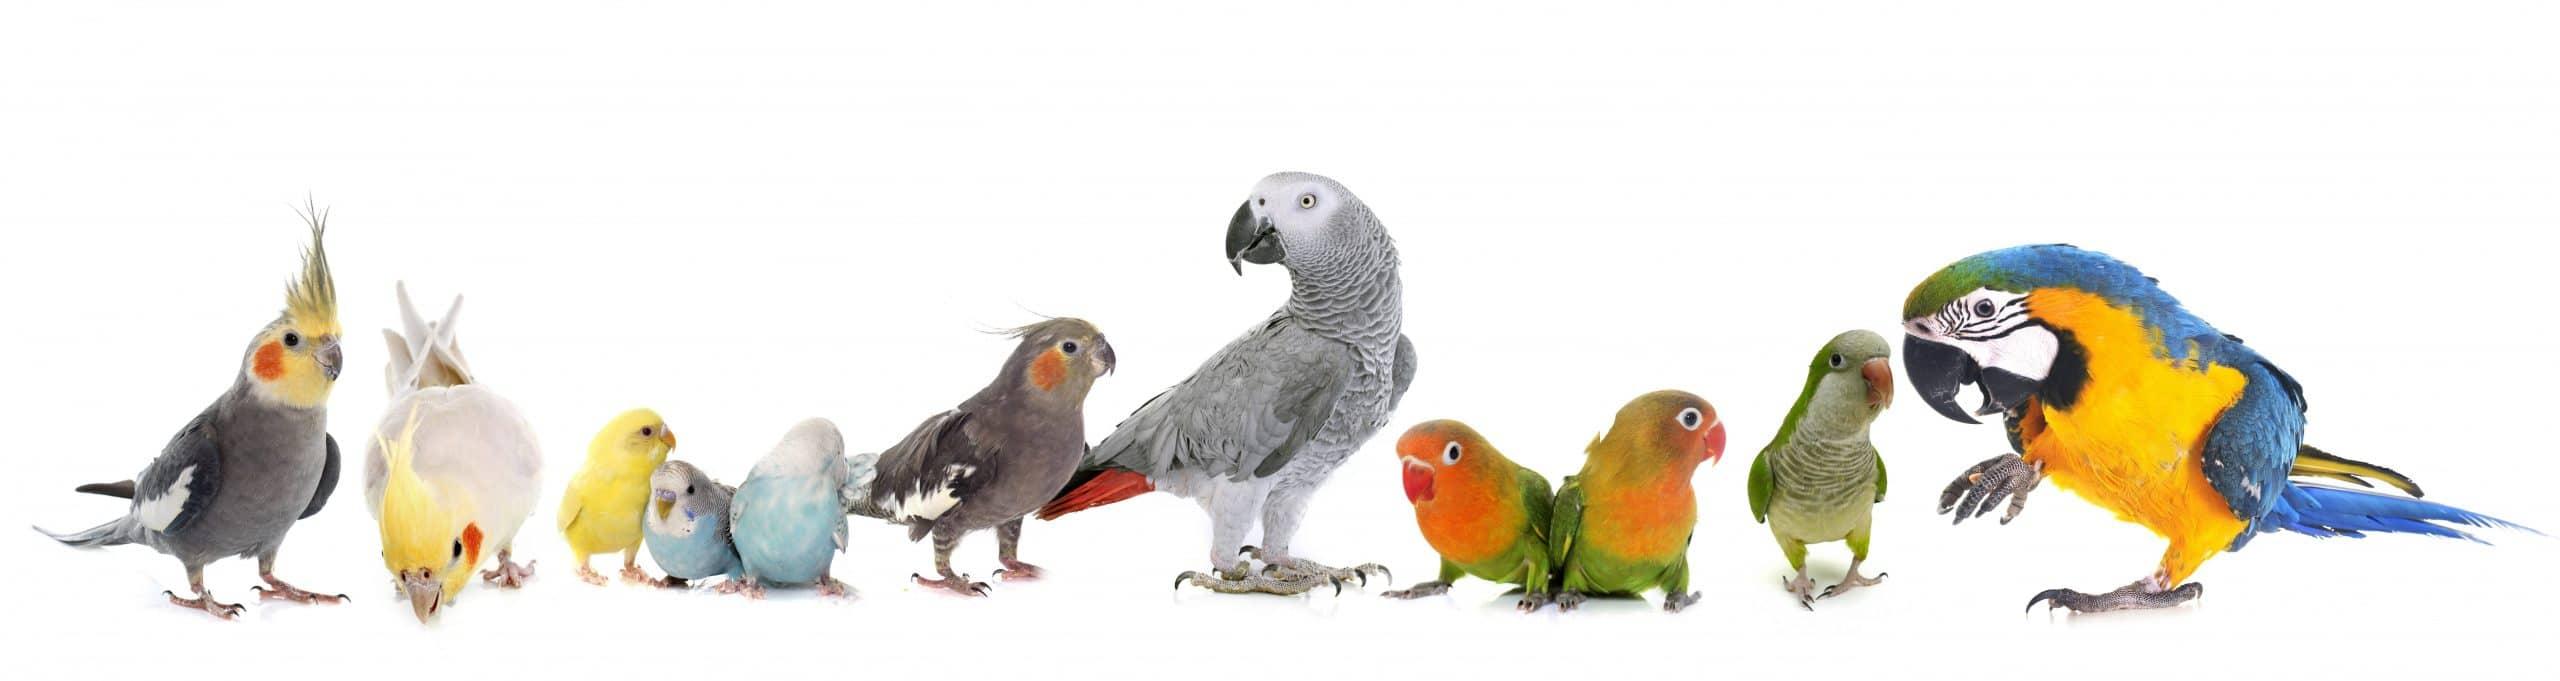 Grupper verschiedener Papageien & Sittiche